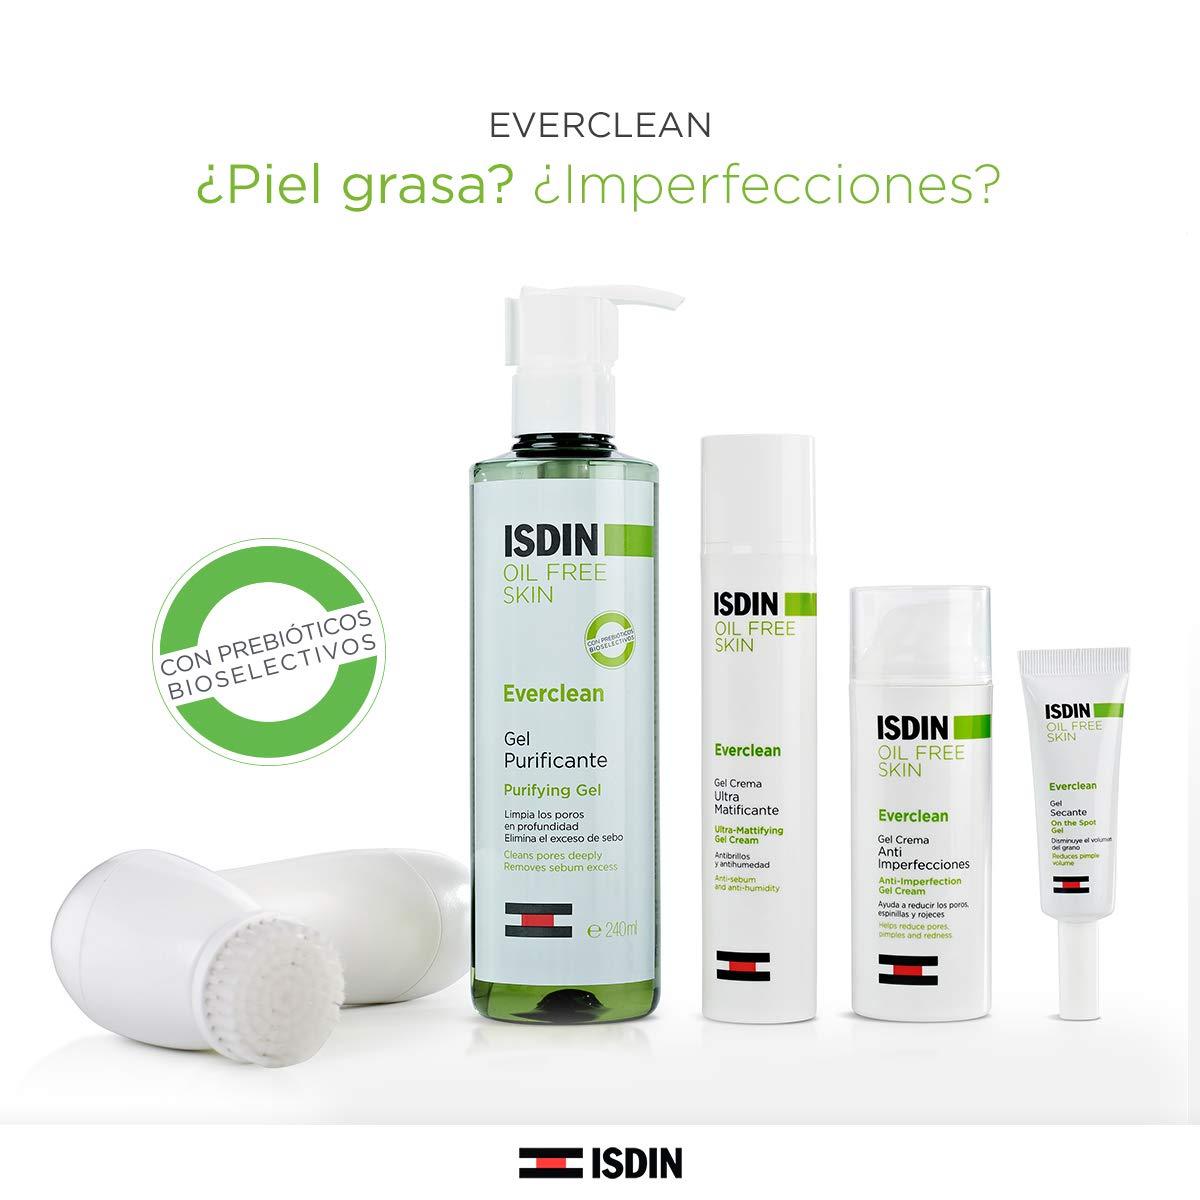 ISDIN Everclean Oil Free Skin Gel Crema Rostro Ultra Matificante | Ayuda a disminuir los poros normalizar la producción de sebo 1 x 50ml